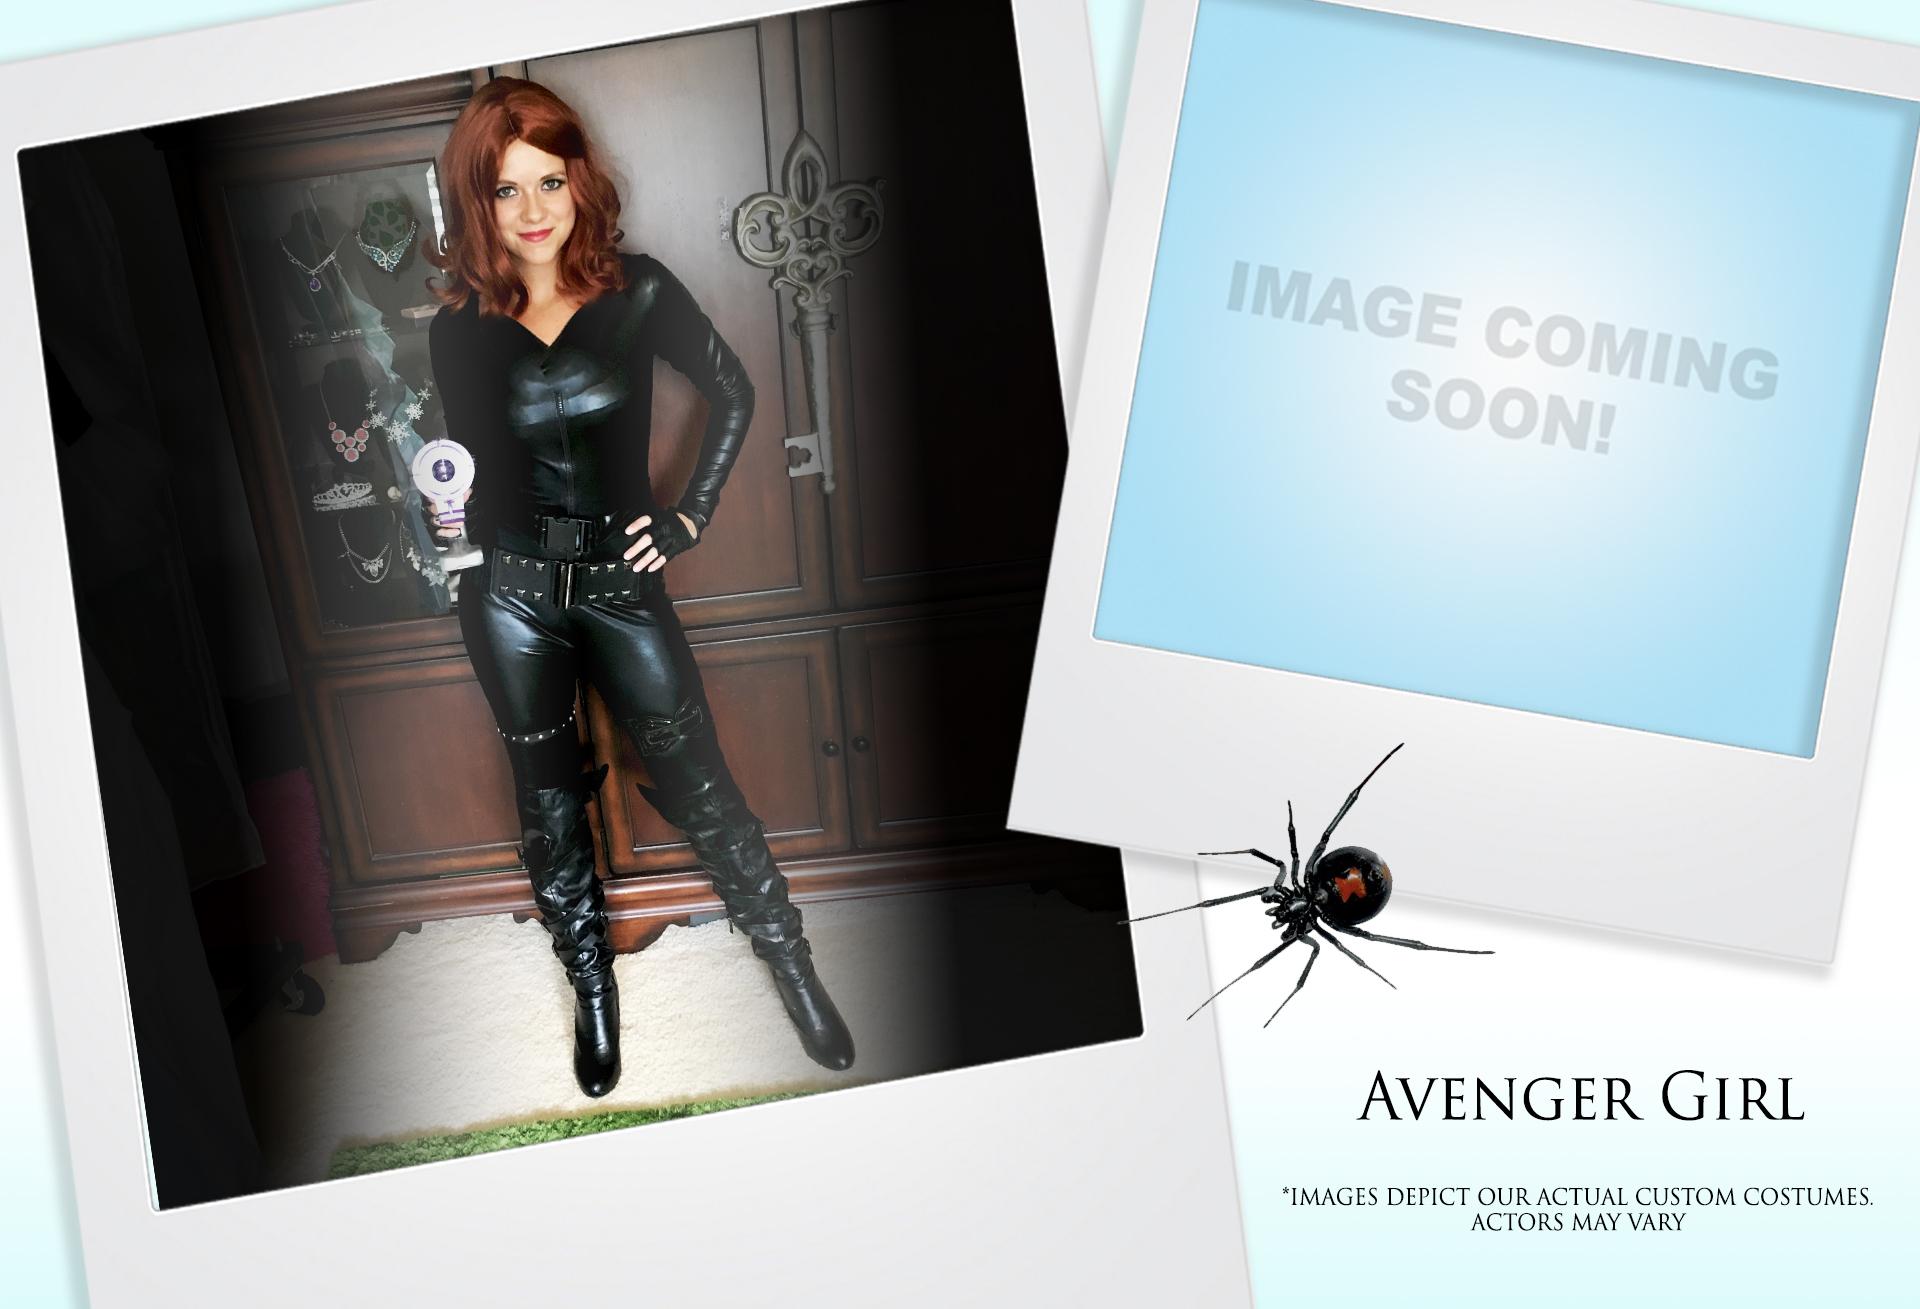 Avenger Girl